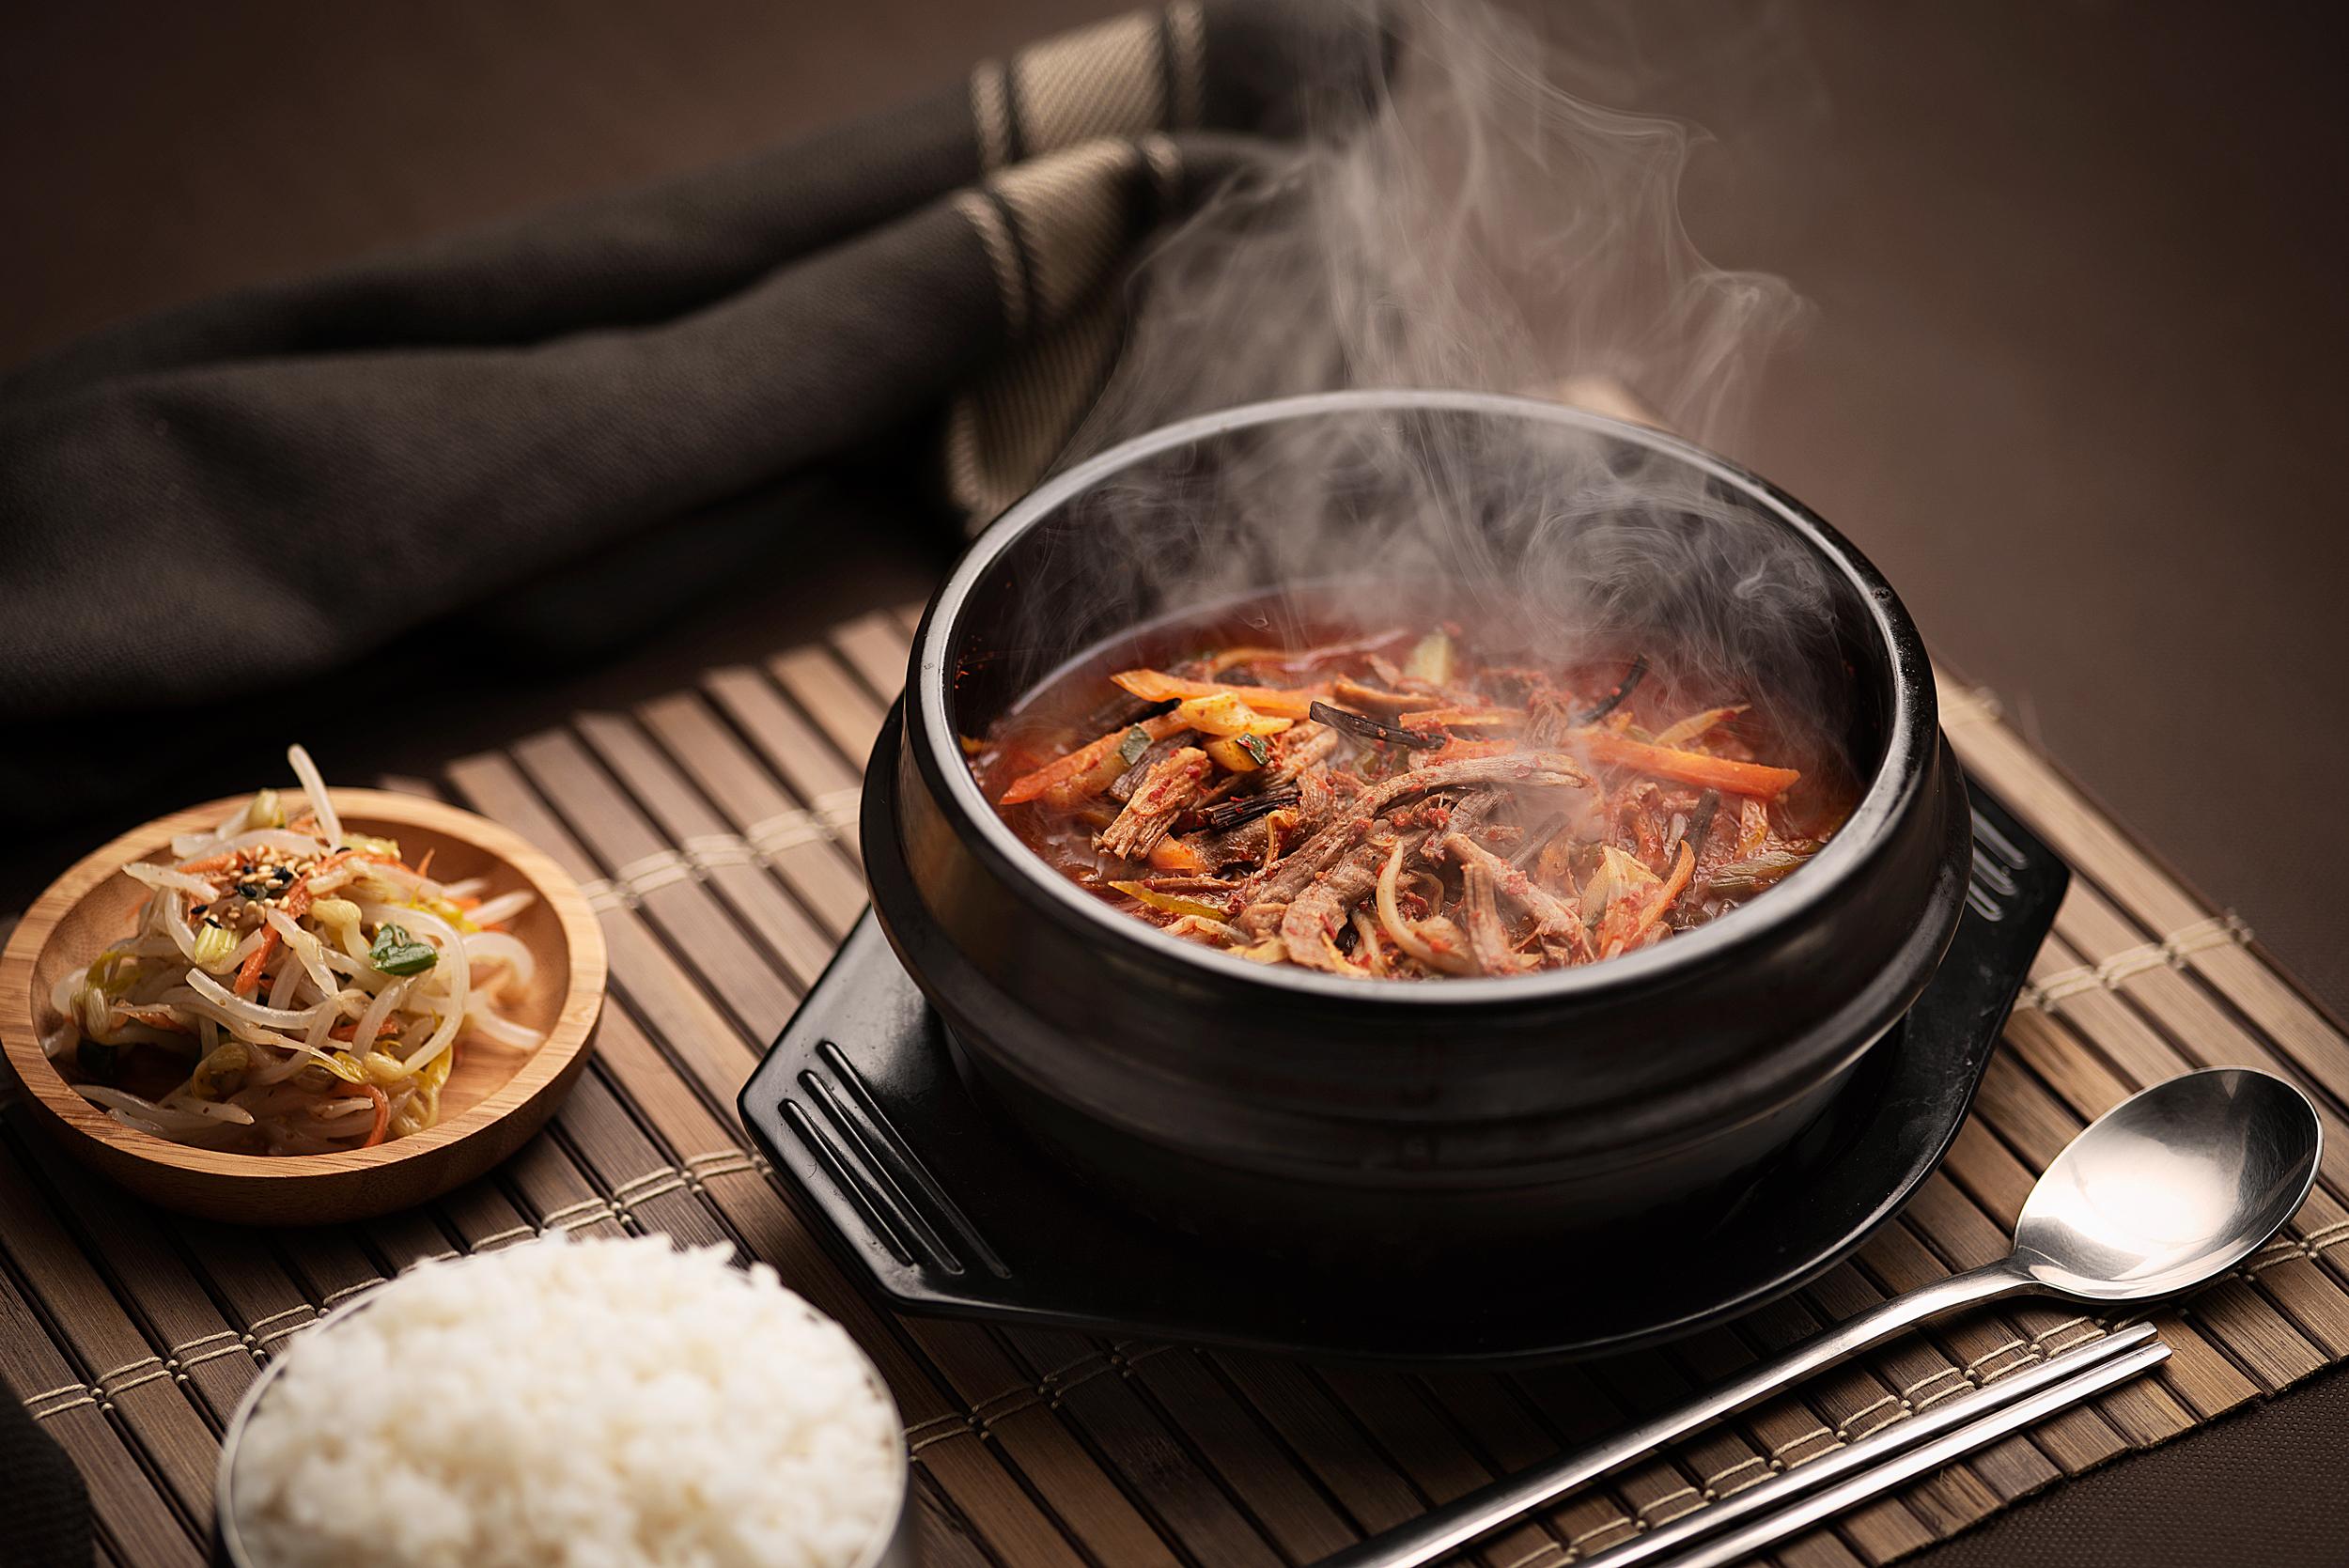 Yukejang - Caldo picante de helecho y ternera con verdura variada.Caldo rico en ingredientes siendo los helechos y la carne de ternera sus principales ingredientes, en un caldo caliente de guindilla y soja servido en un cuenco de barro hirviente y un bowl de arroz blanco.Ternera de primera, helechos, calabacín, brotes de soja, lechuga, setas, cebolletas, ajo, polvo de guindilla, salsa de soja, pimienta gris.13.50€